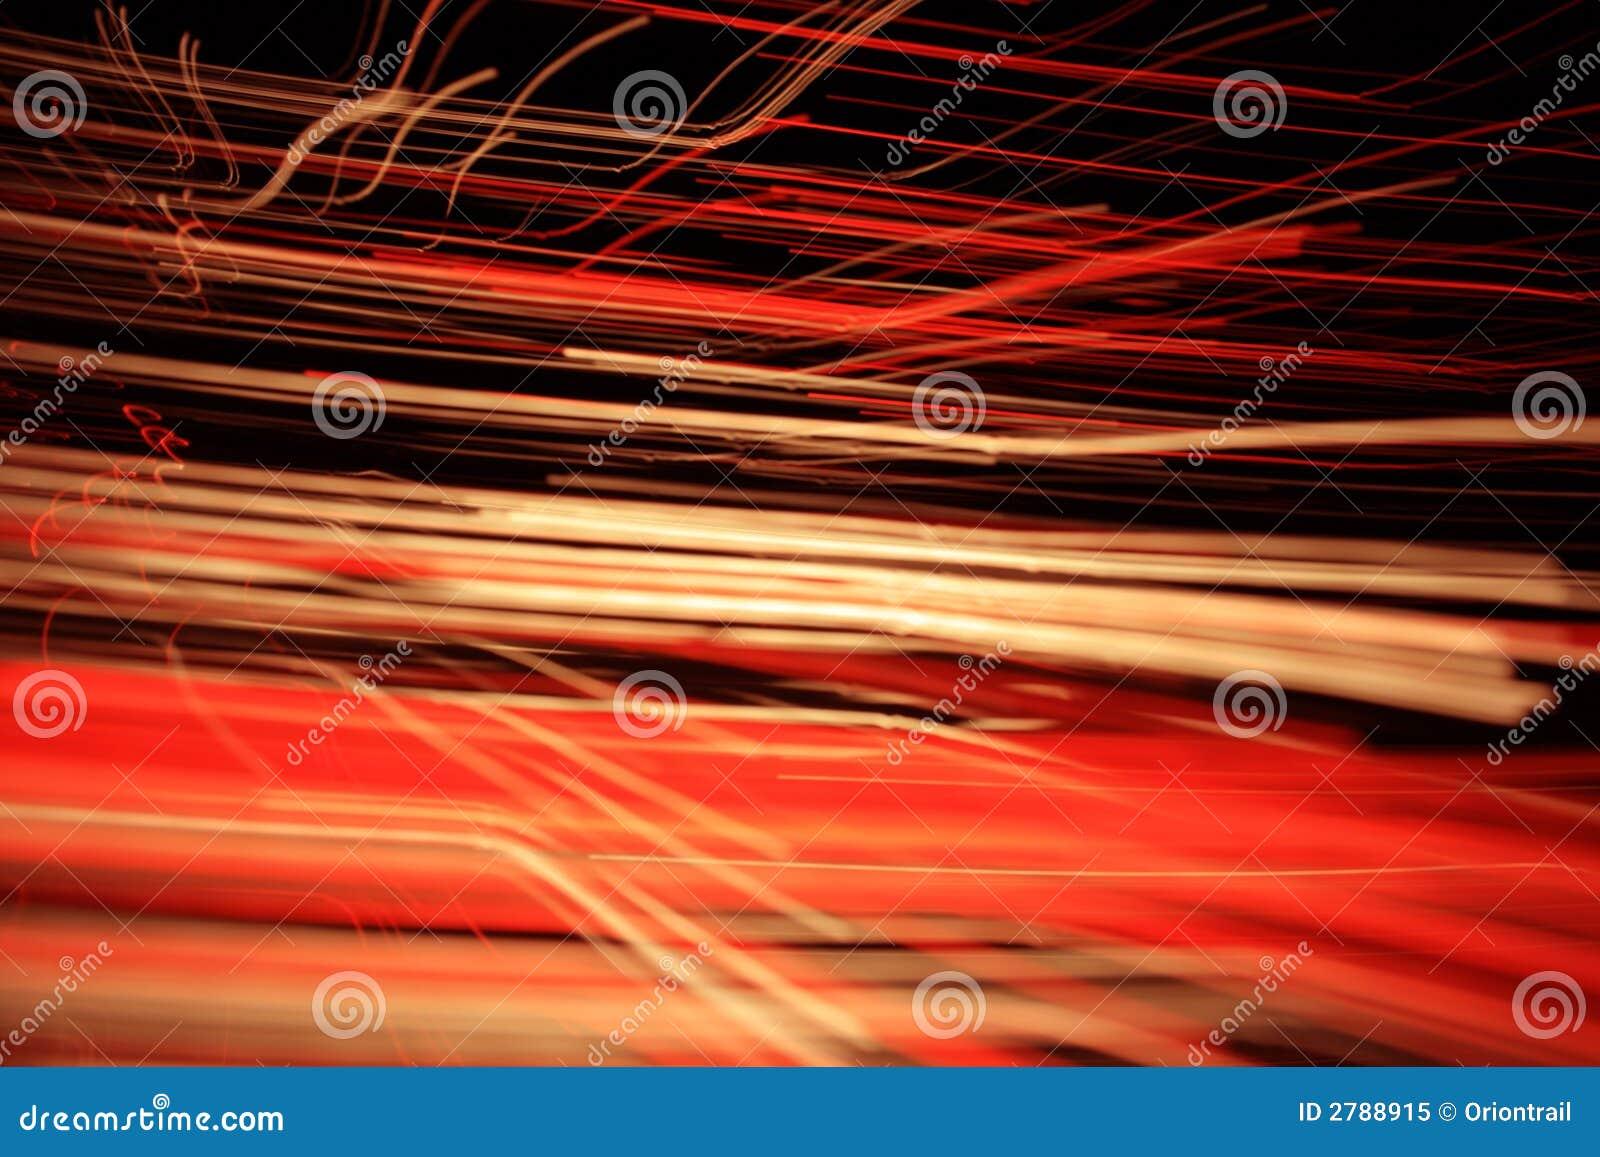 Optical fibres-light lines